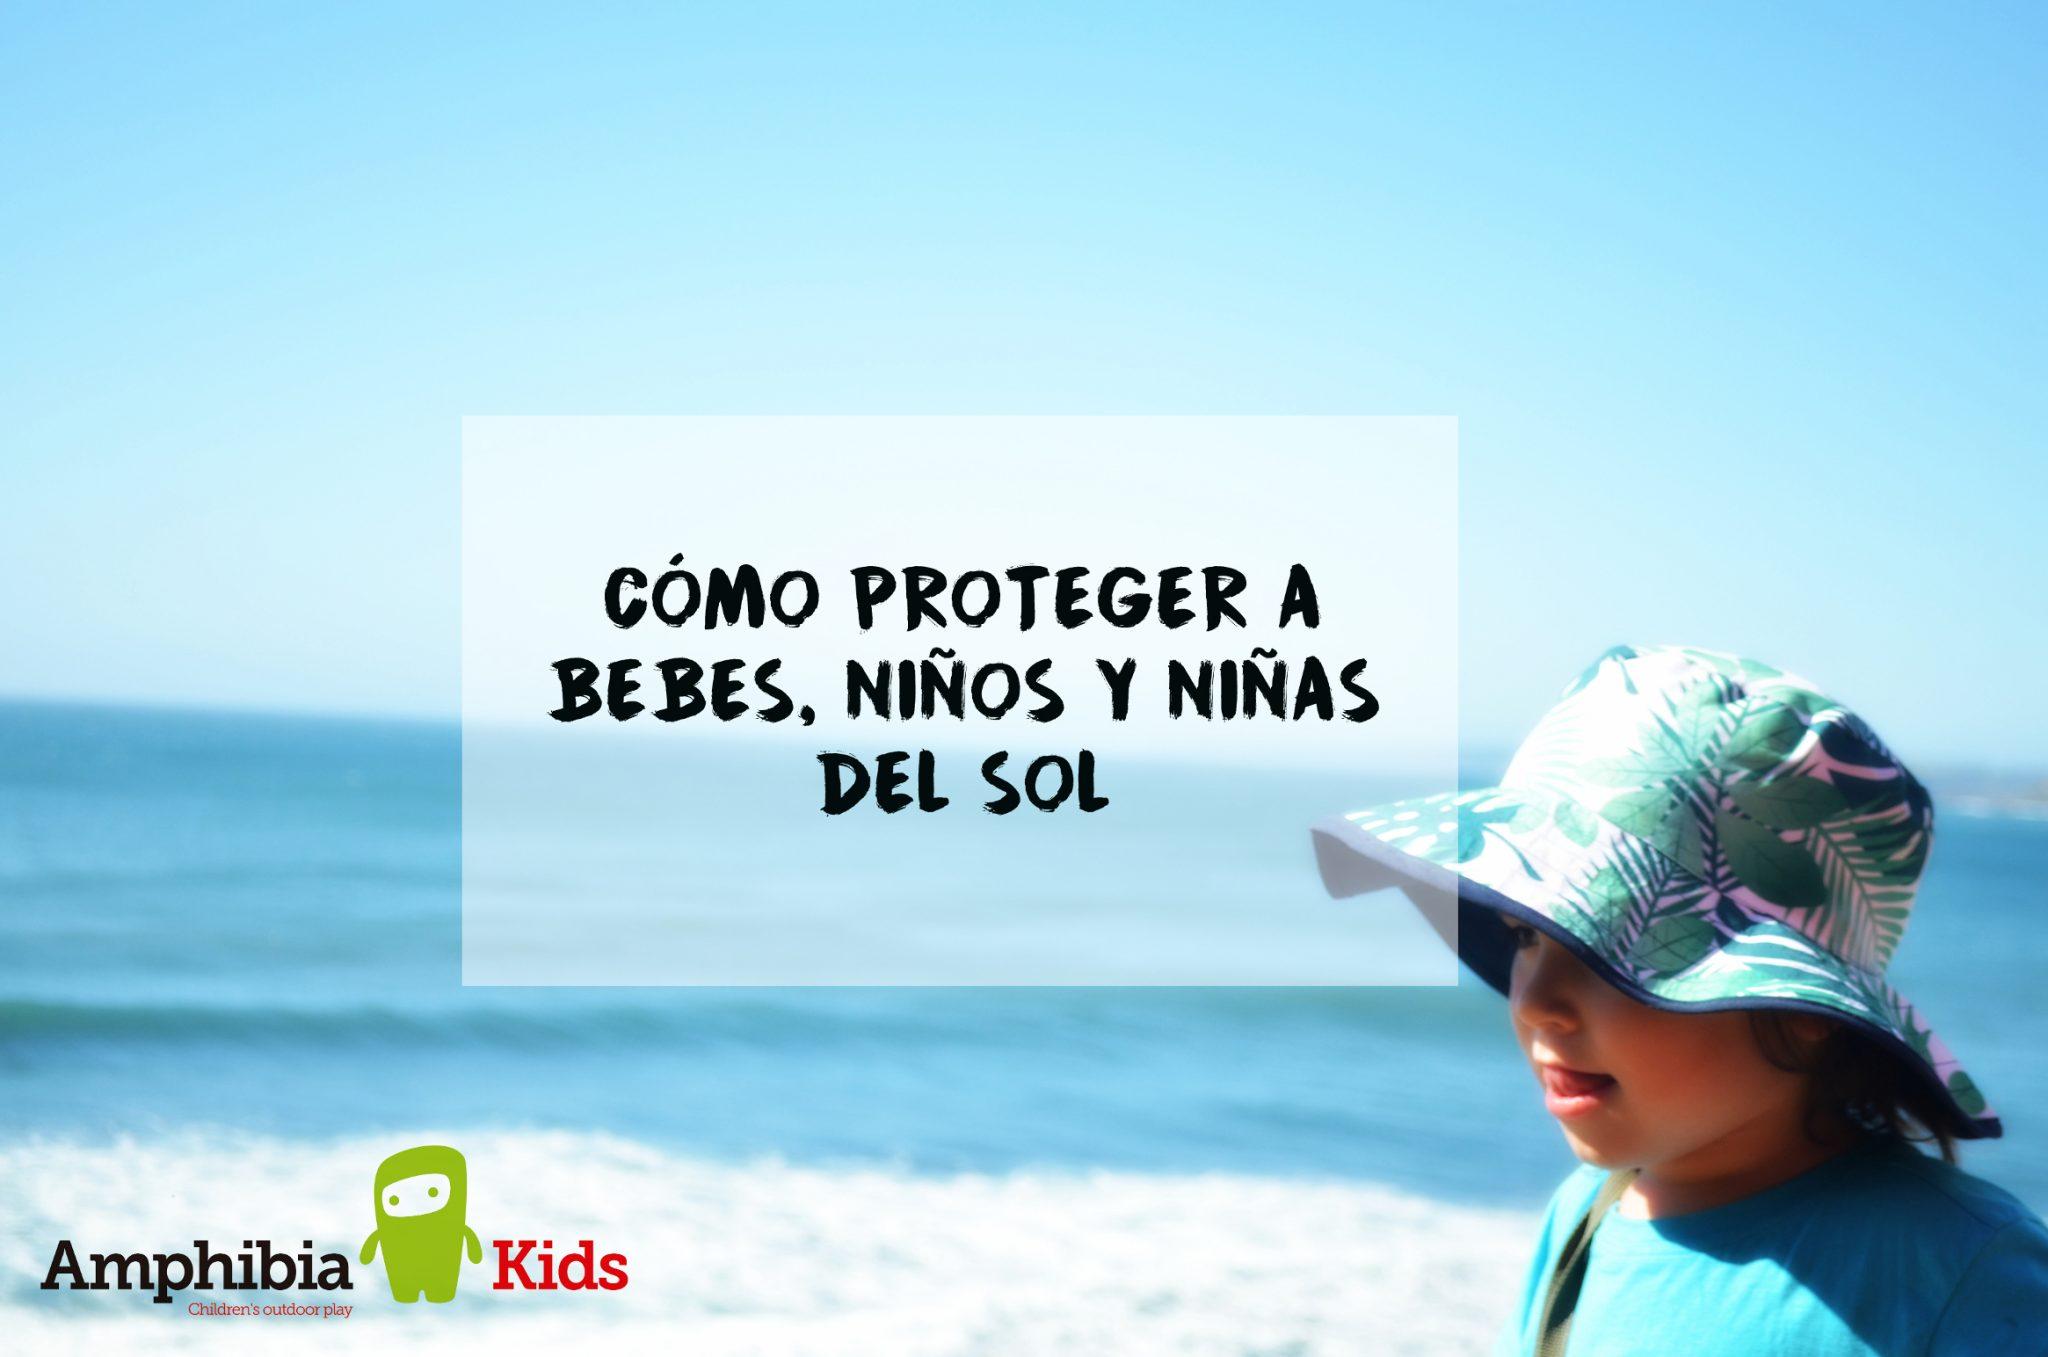 Cómo proteger a bebés, niños y niñas del sol